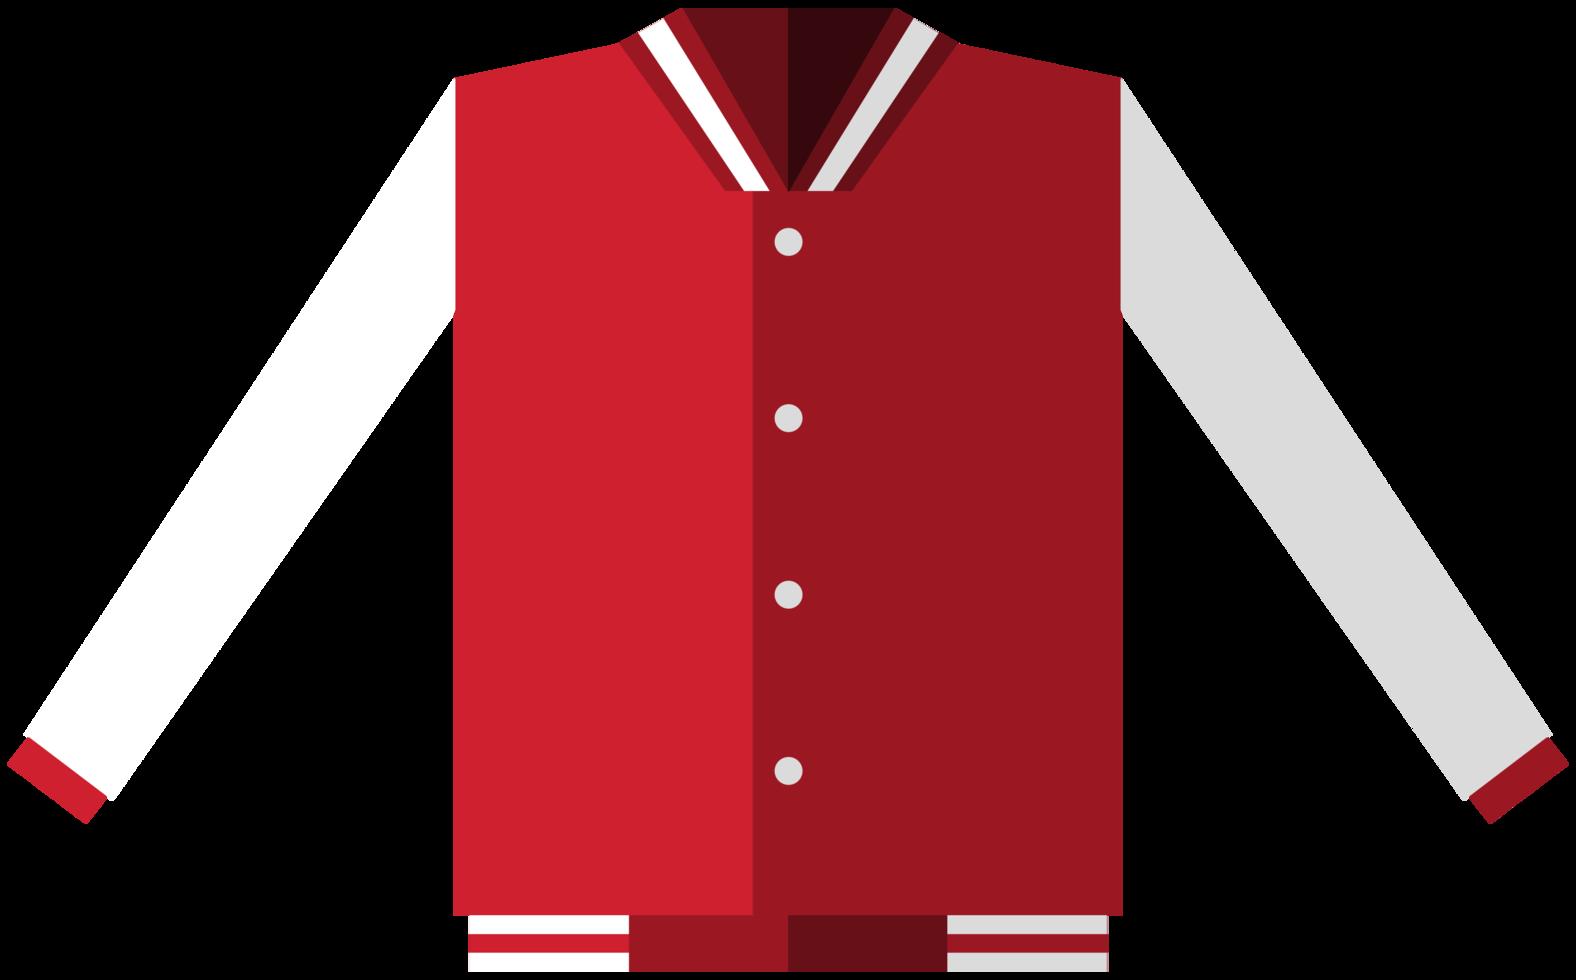 jaqueta de baseball png